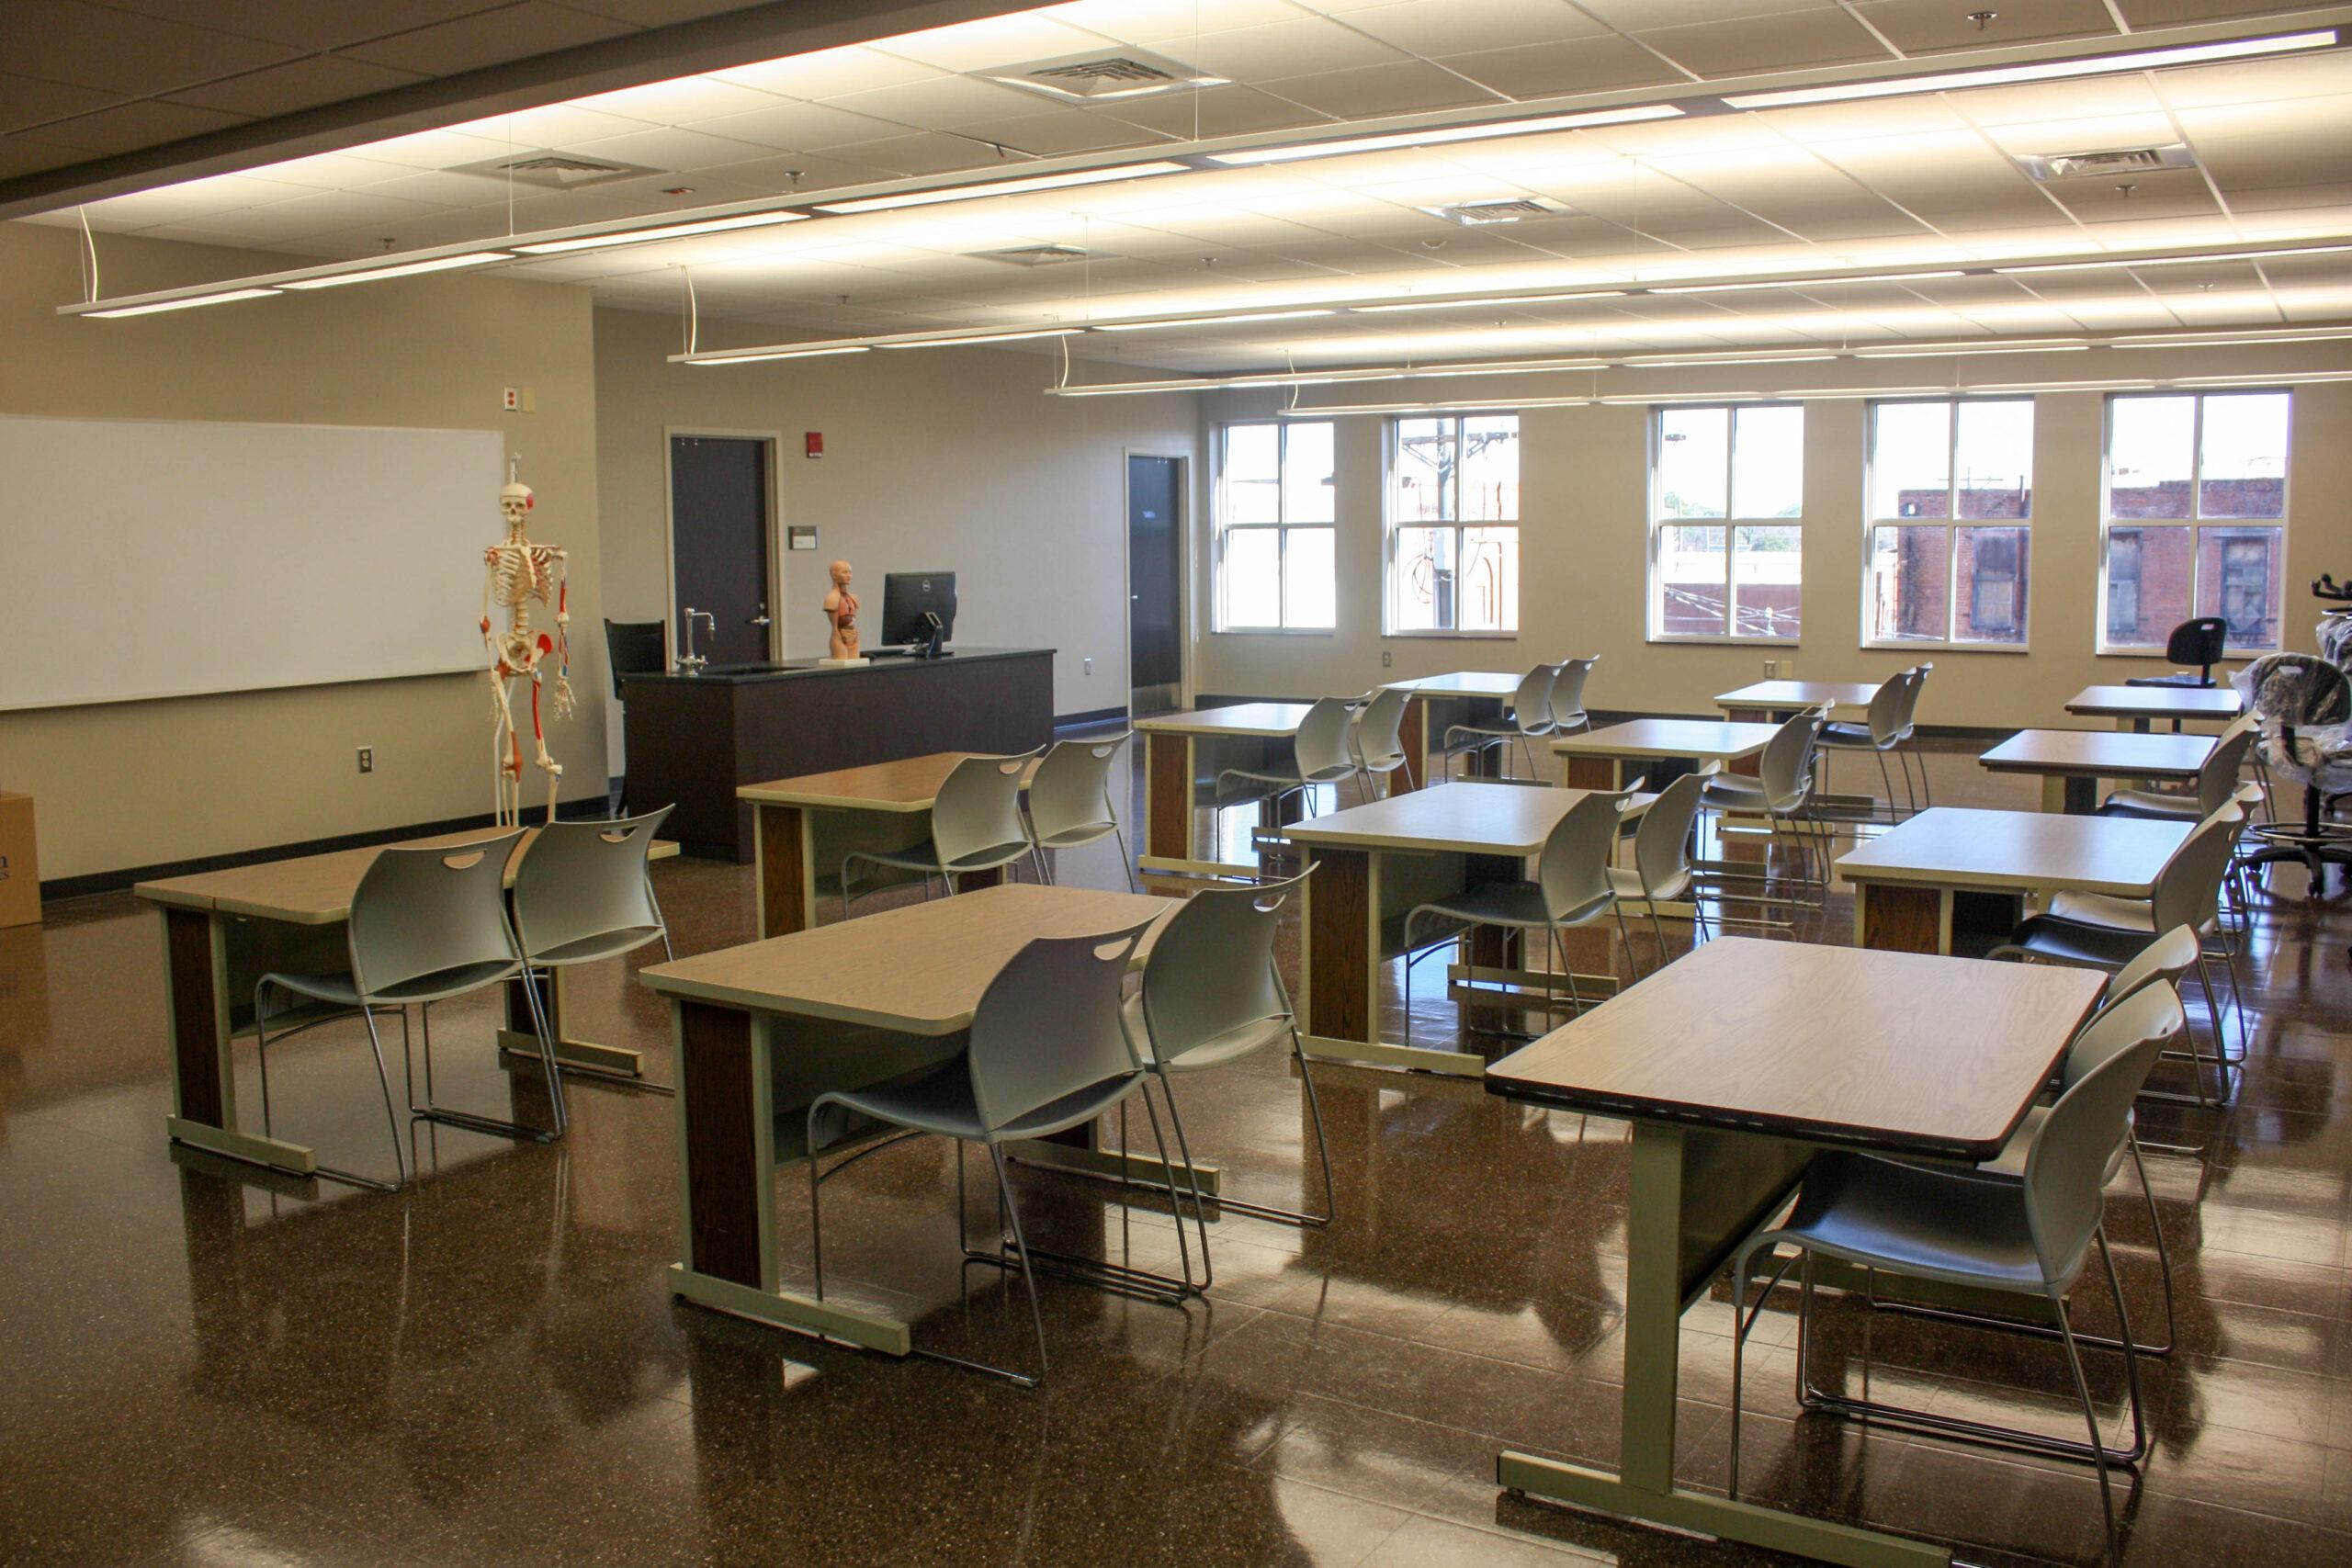 Darton college cordele campus sp design group - Interior design colleges in georgia ...